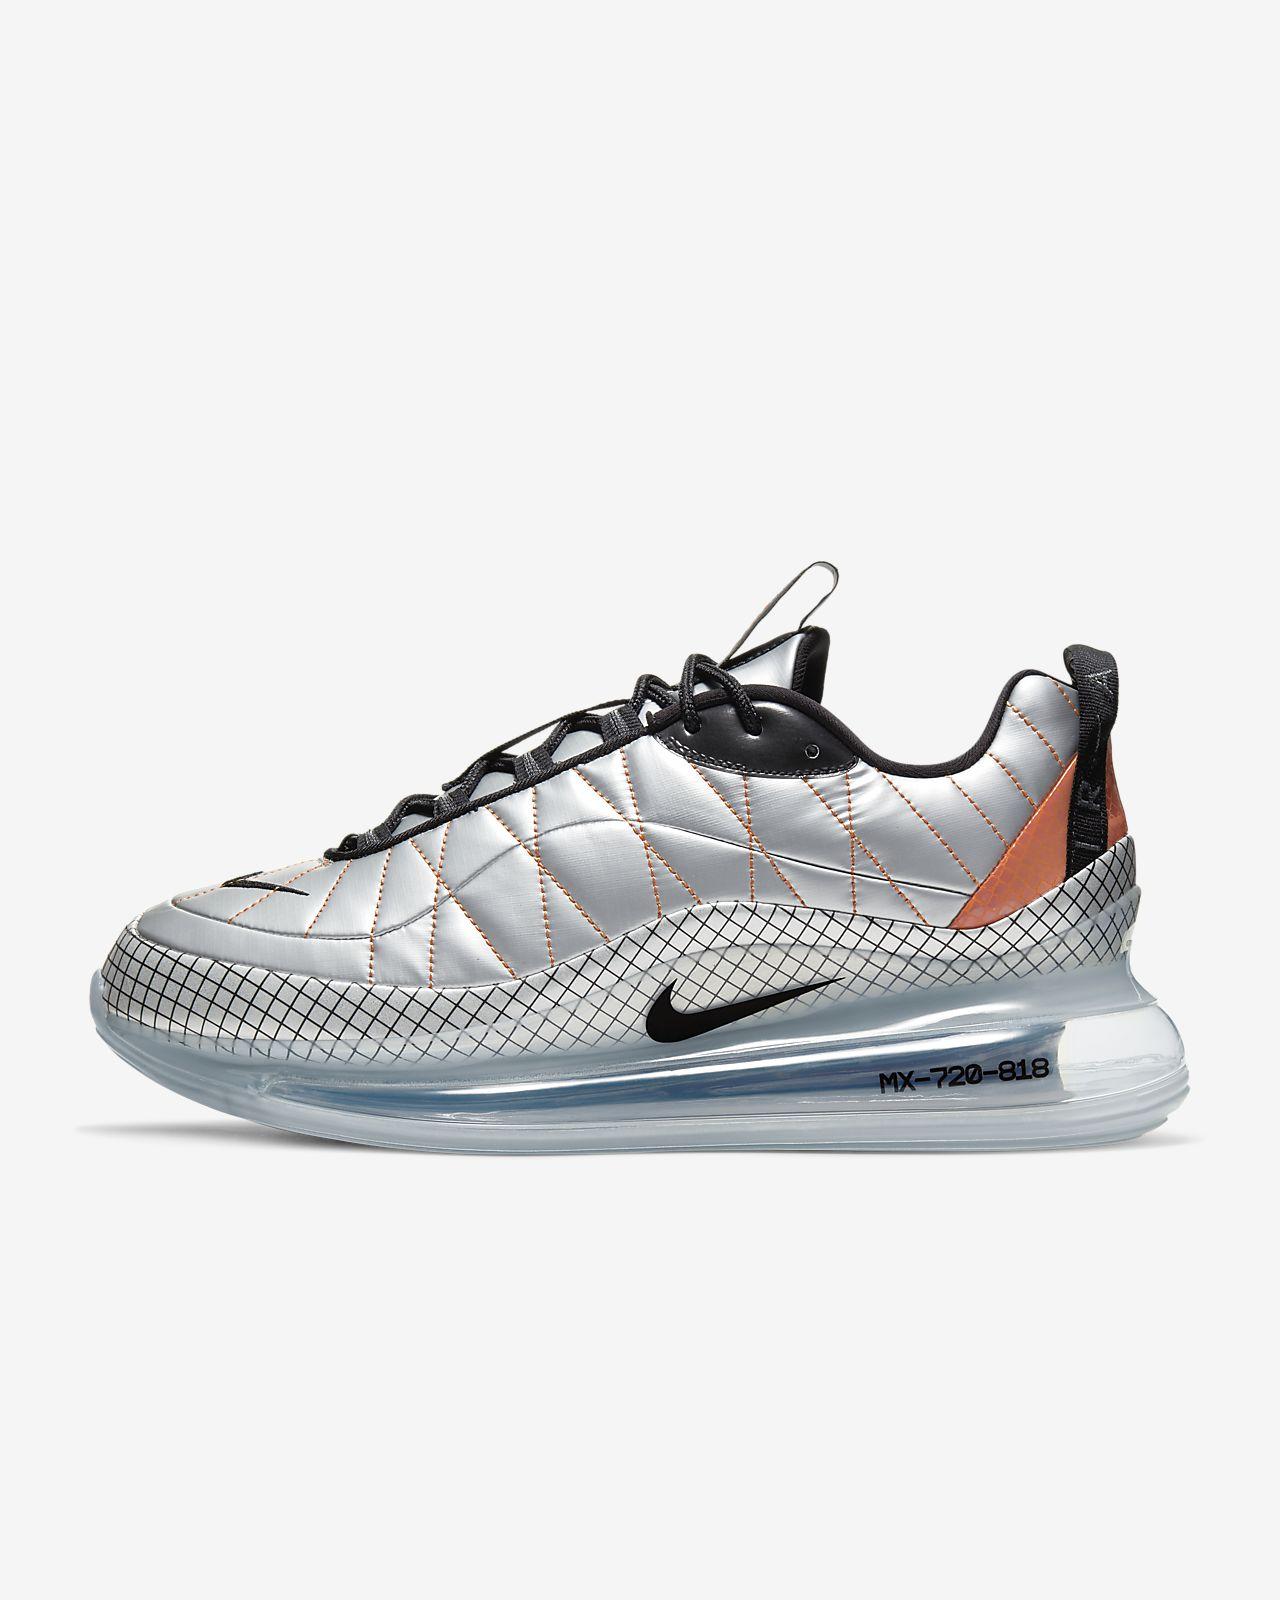 Sapatilhas Nike MX 720 818 para homem